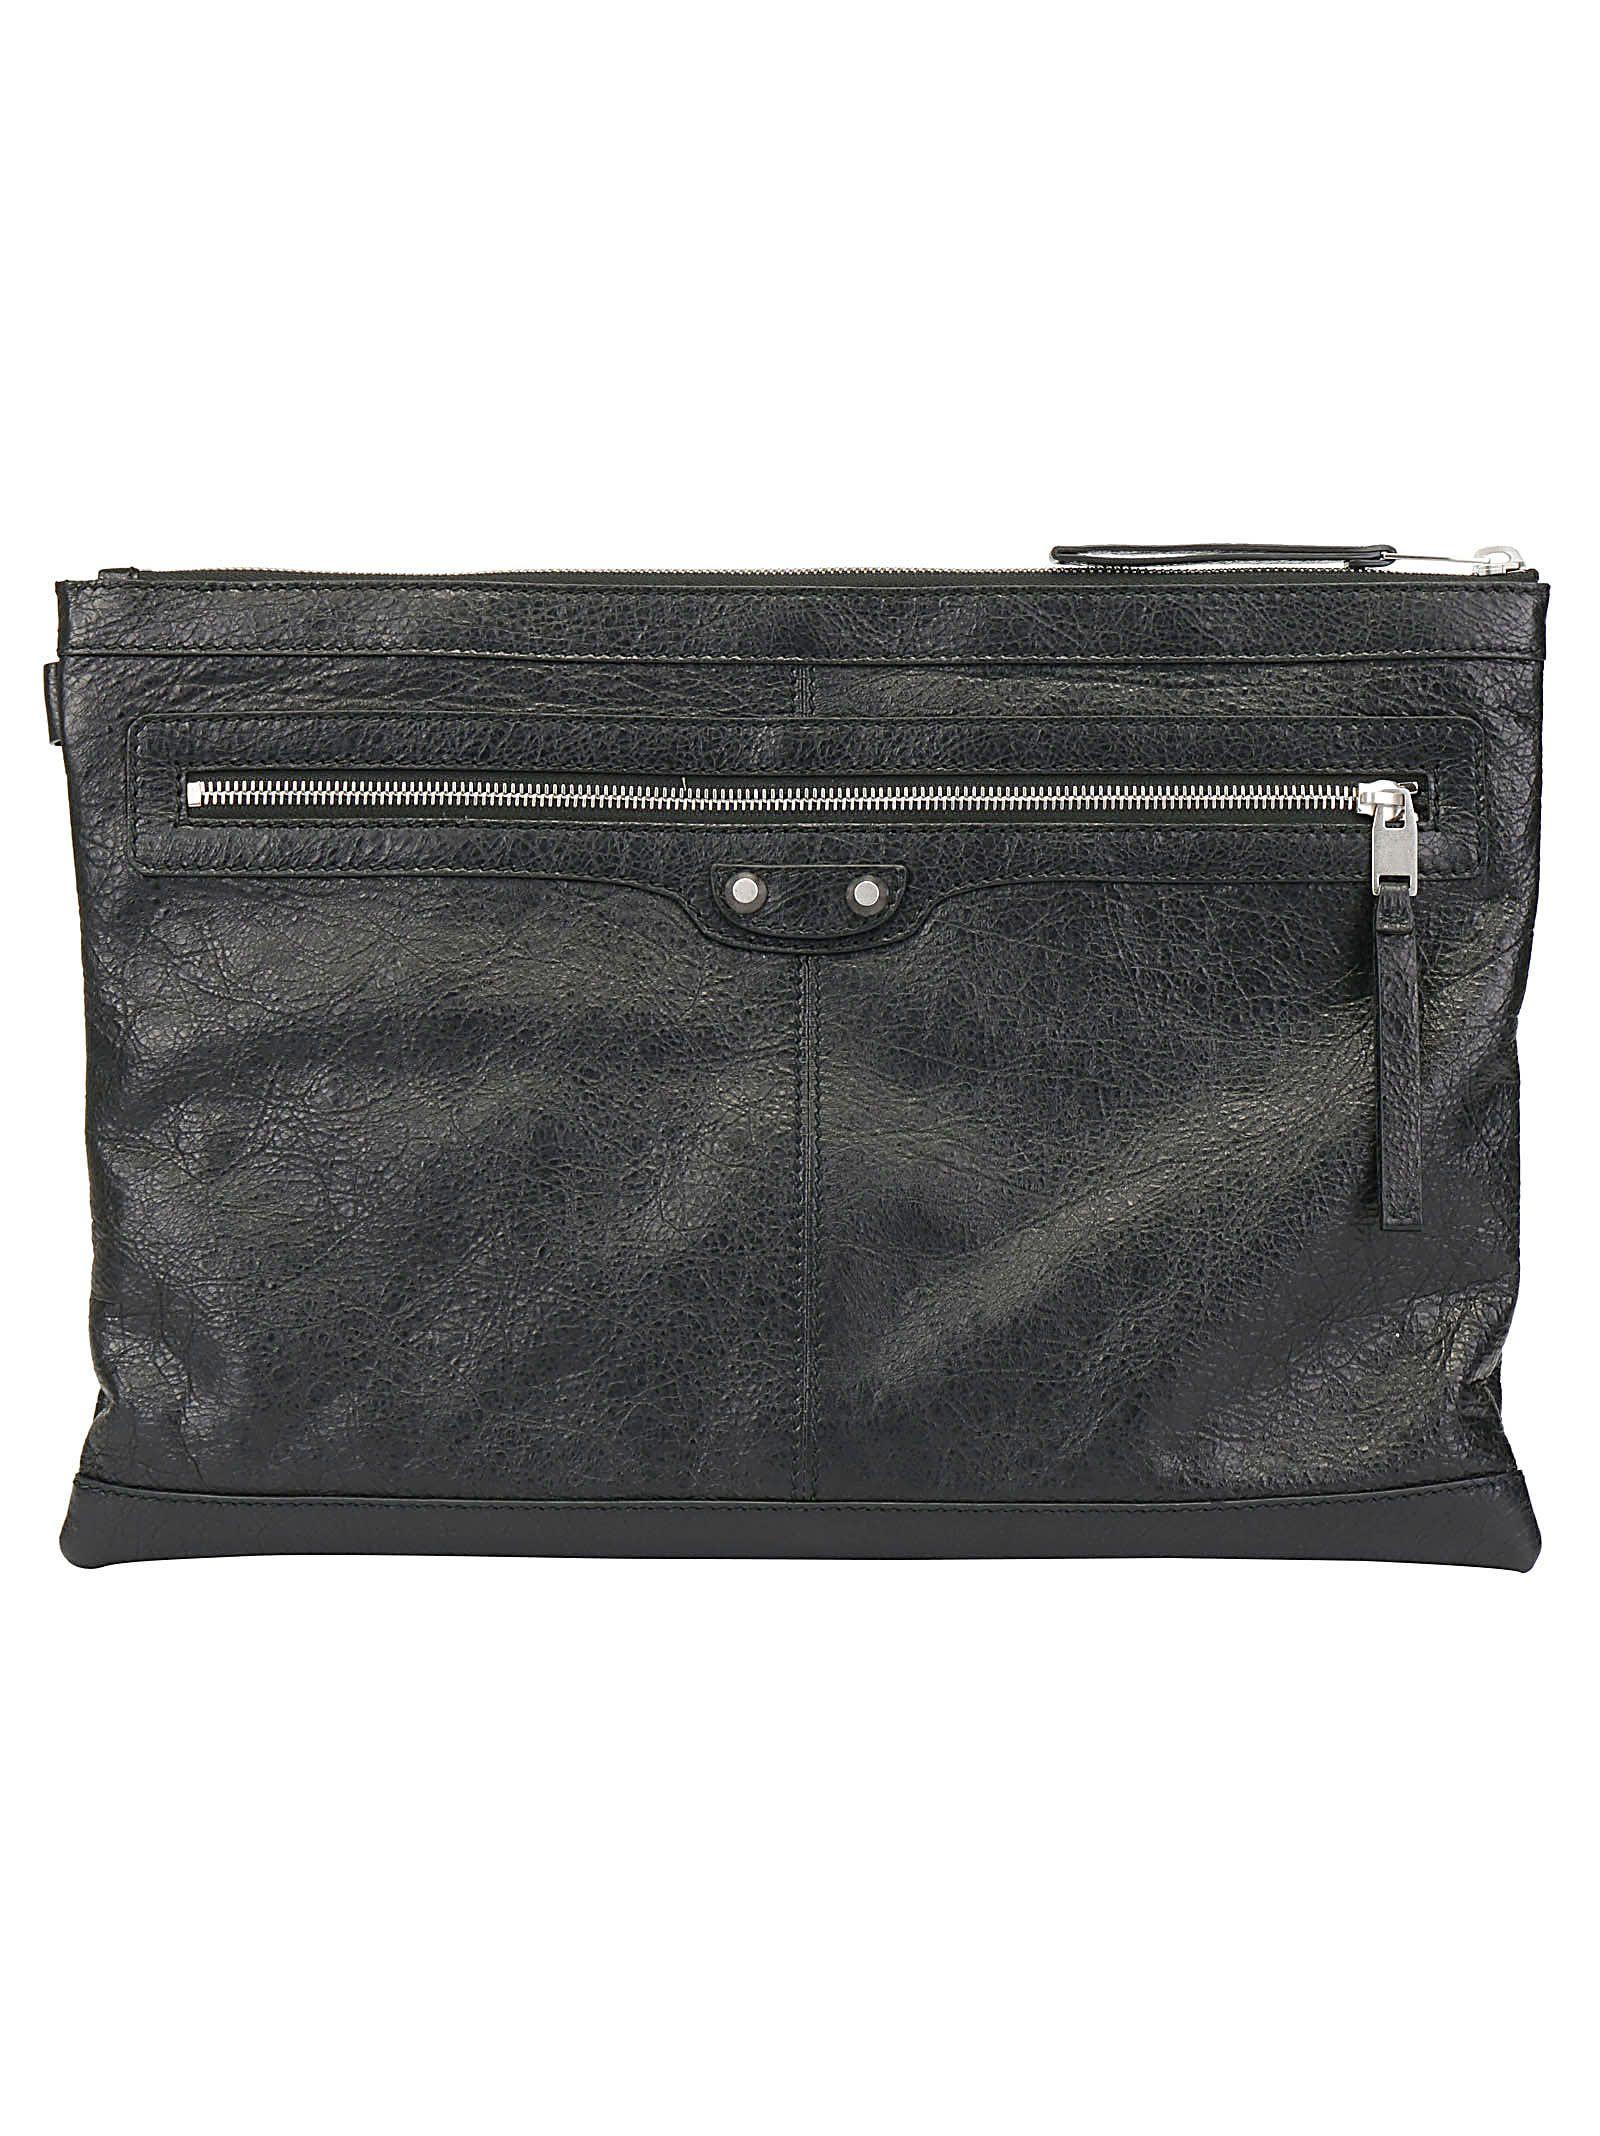 Balenciaga Pouch Balenciaga Wallet Leather Pouch Balenciaga